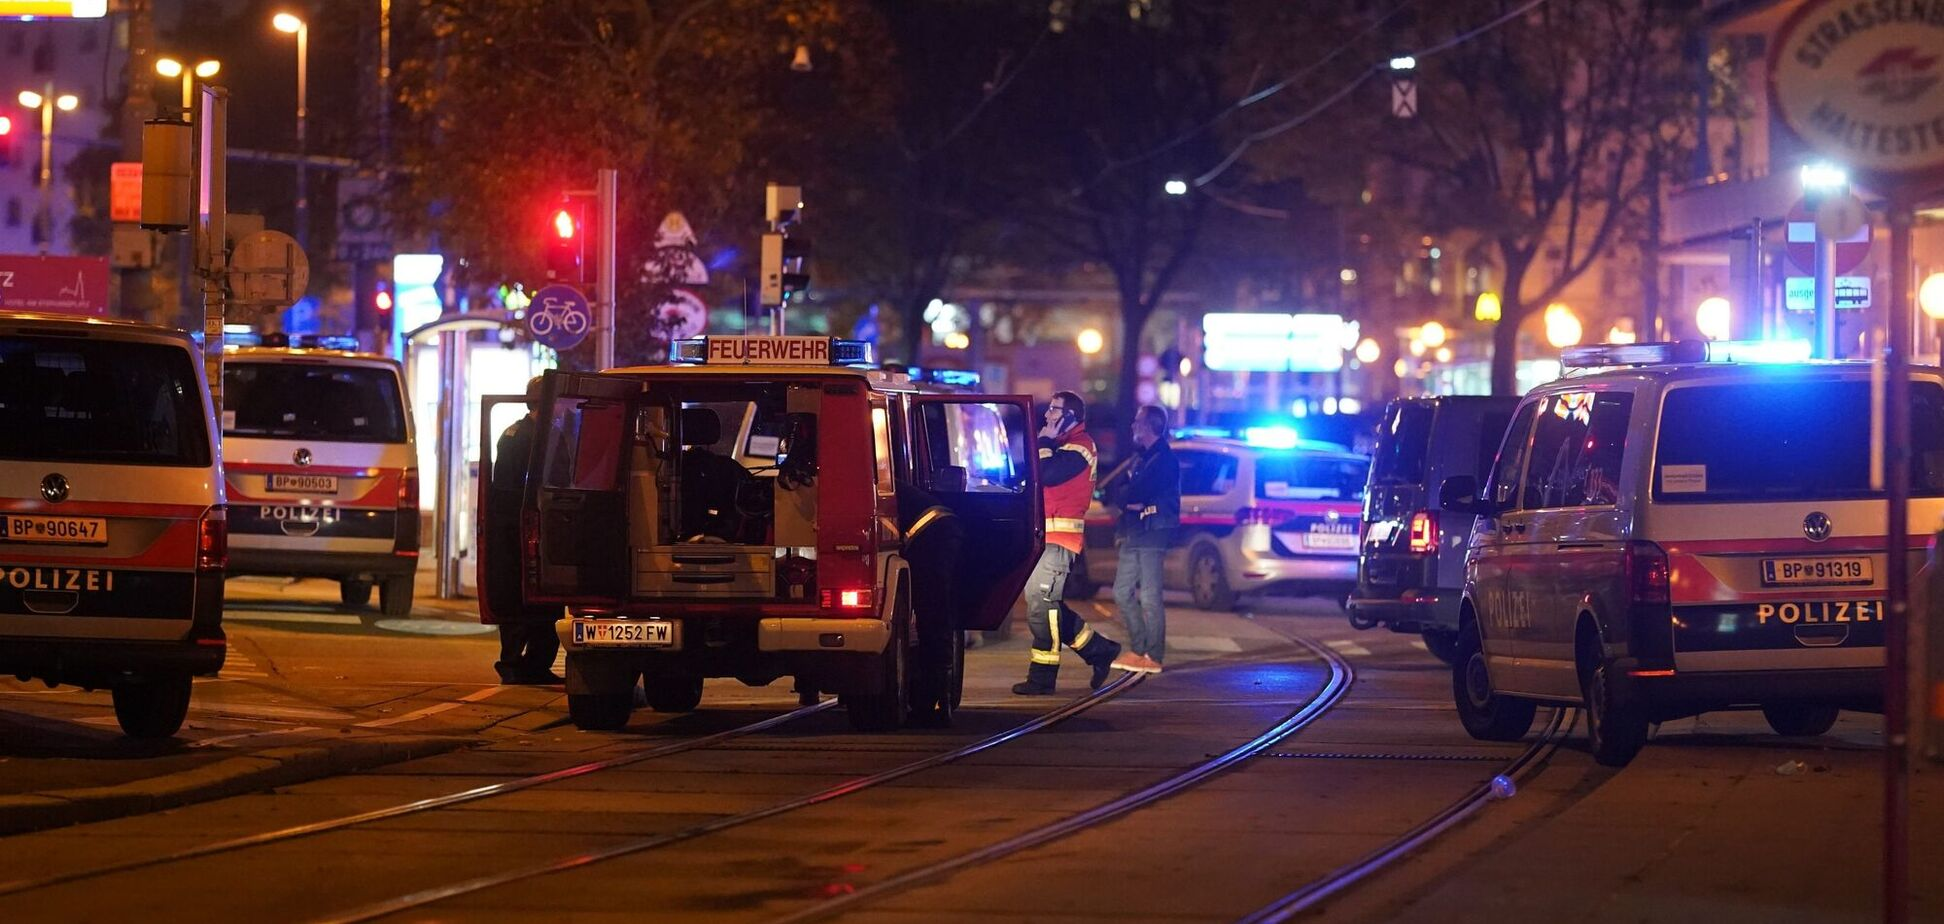 В Вене правоохранители провели задержание подозреваемых в теракте